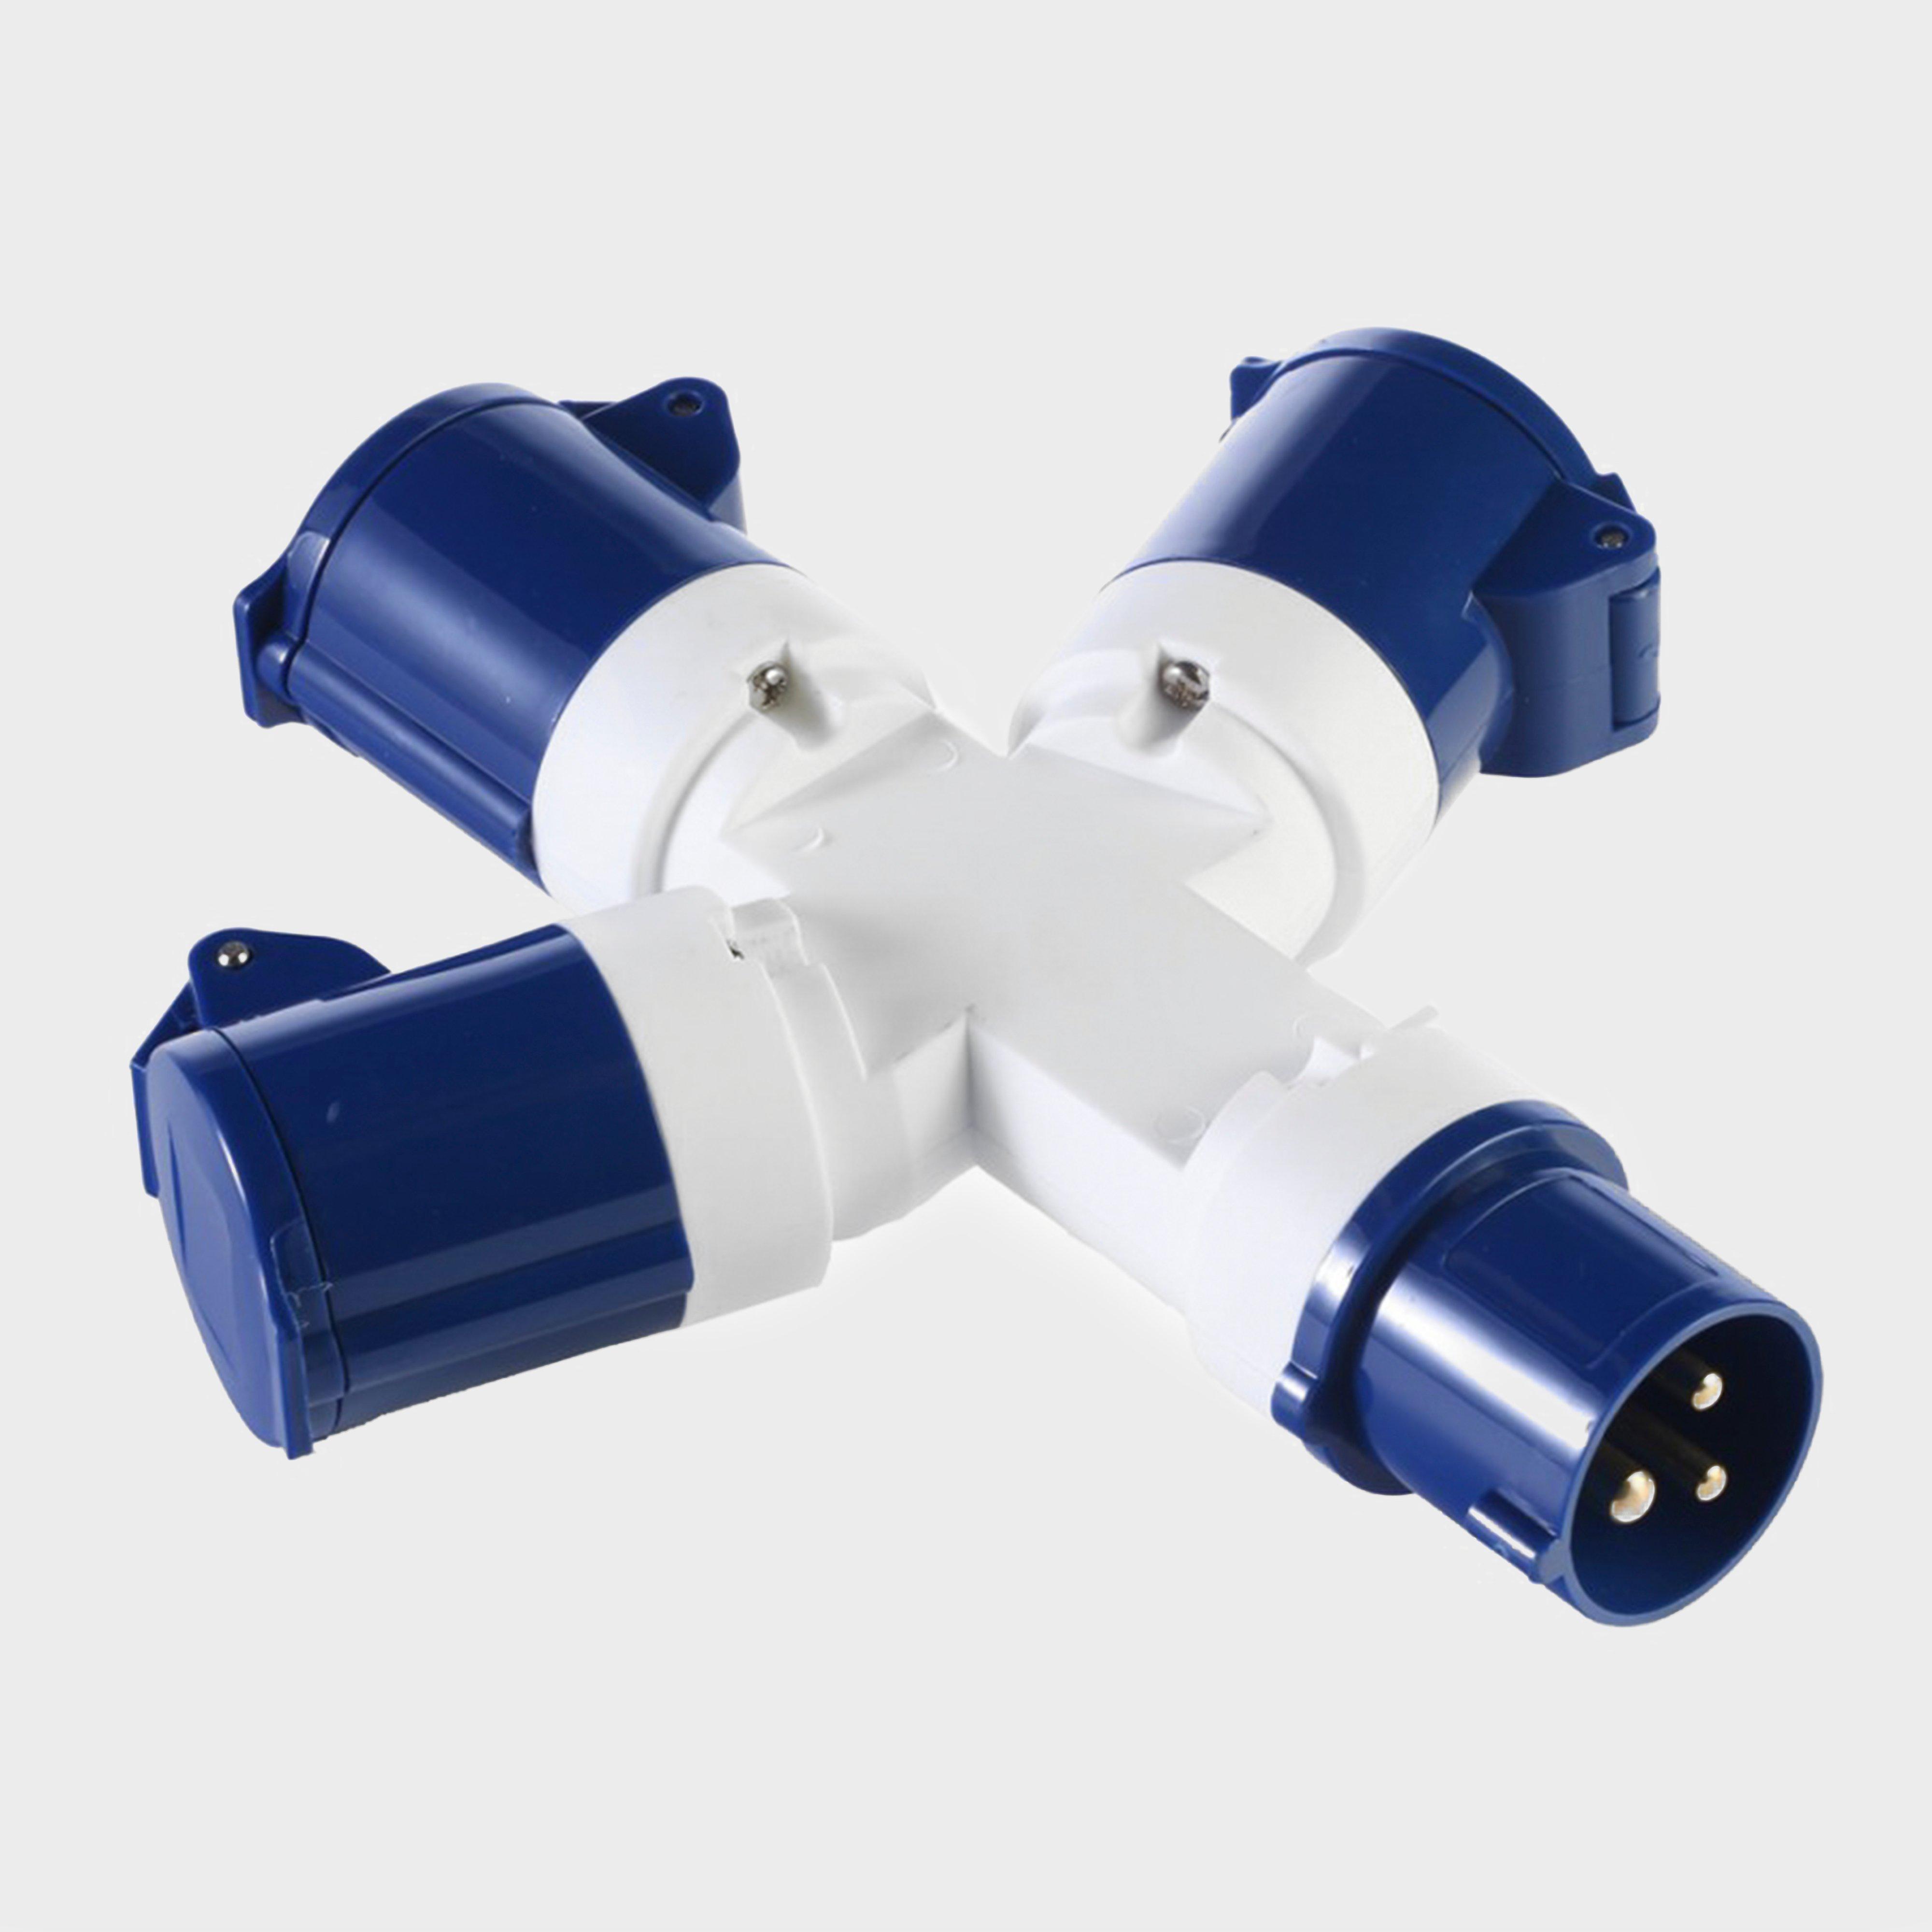 Vango 3-way Distributor Power Adapter - White/adap  White/adap